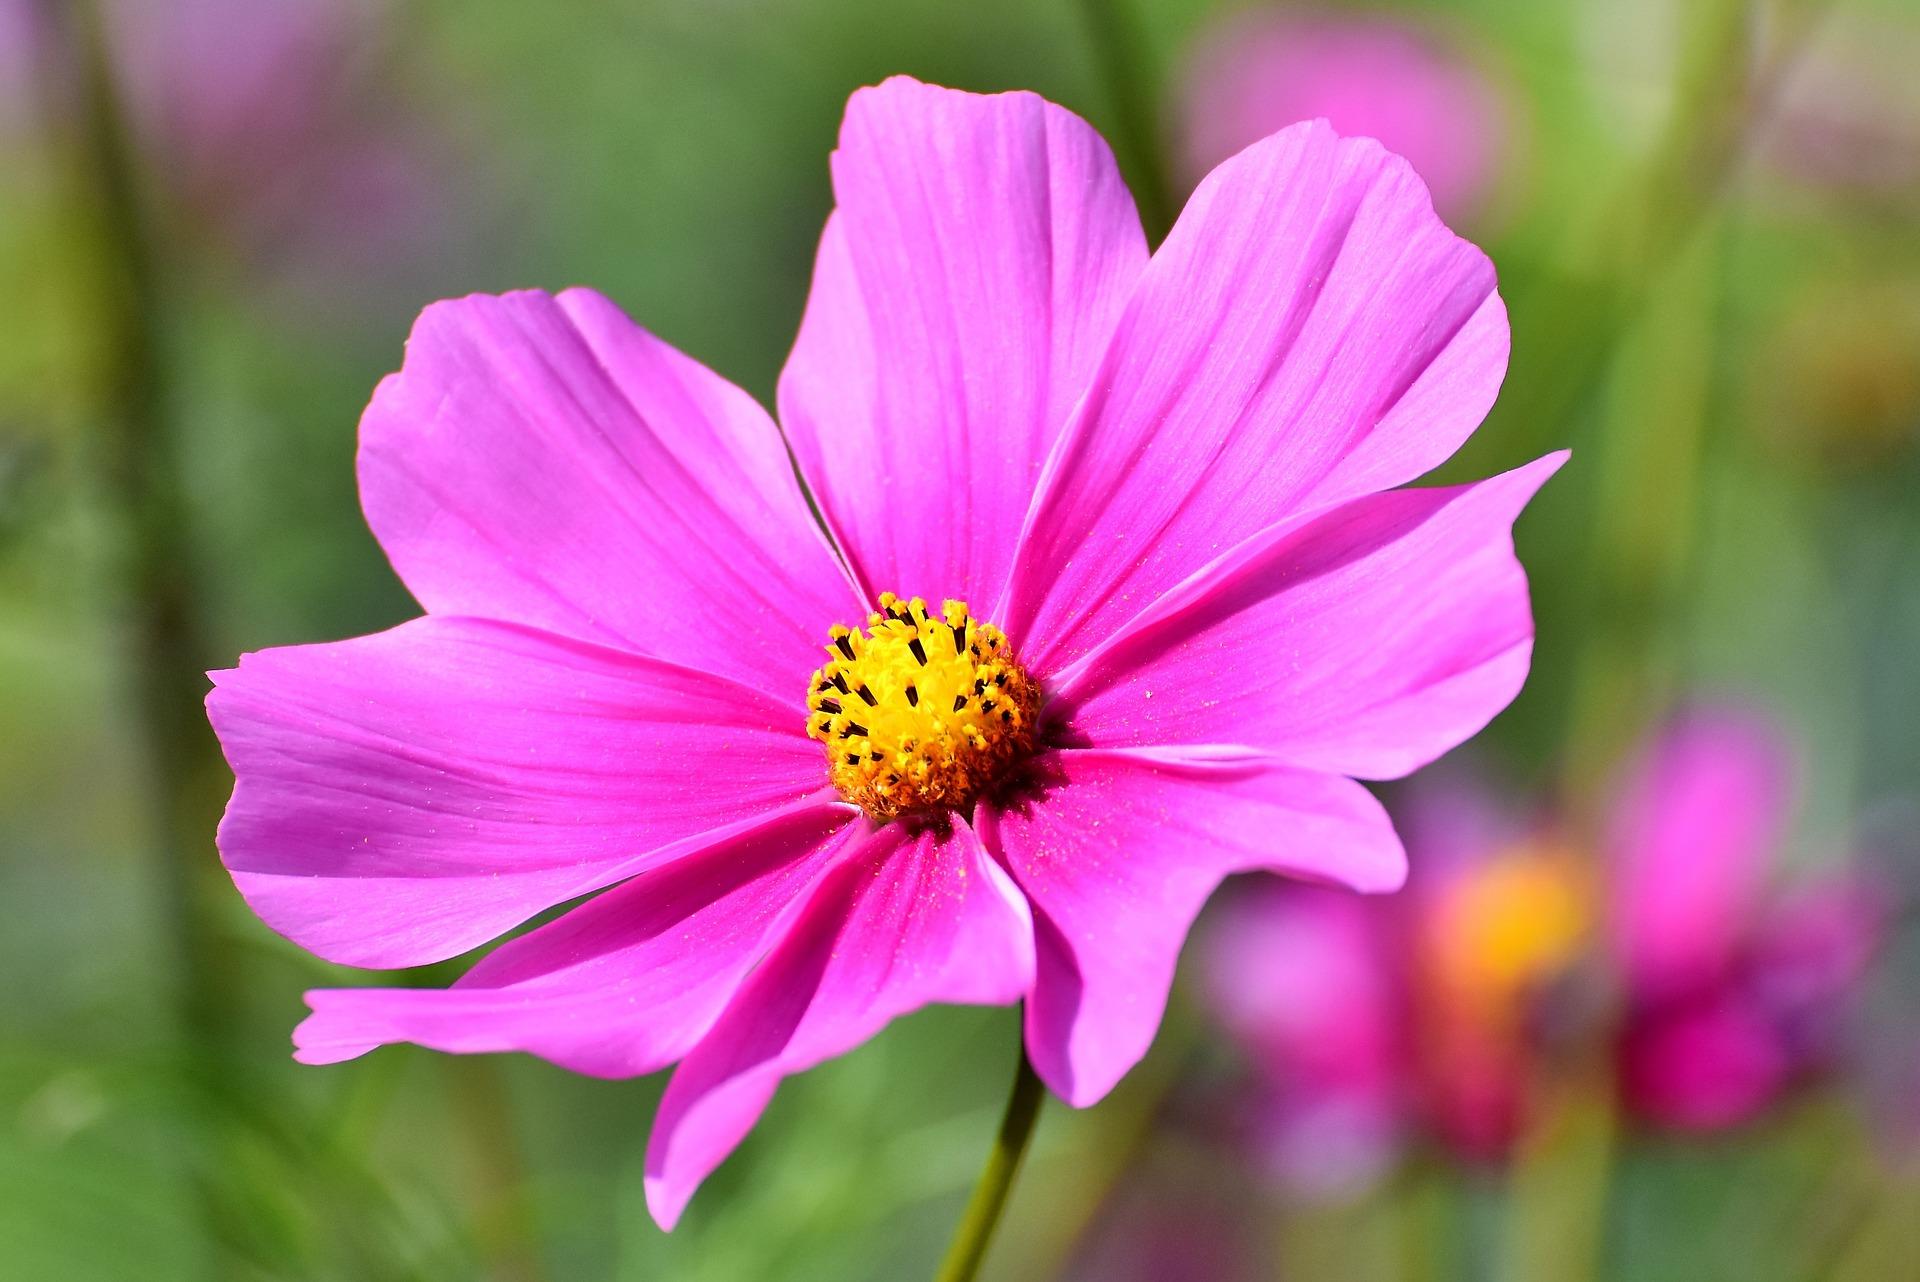 秋の野原を鮮やかに彩る花コスモスのご紹介